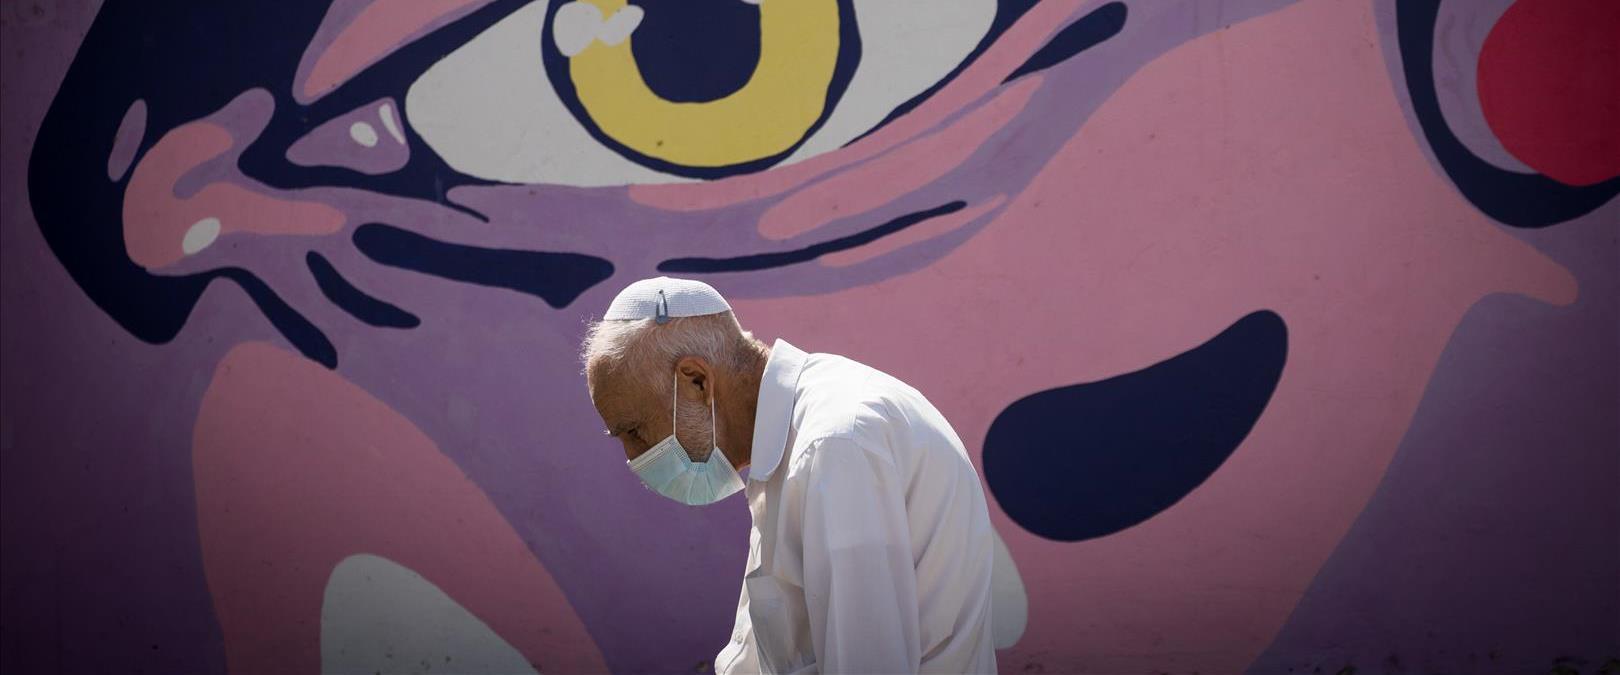 אדם עם מסיכה הולך ליד קיר גרפיטי בימי קורונה, ירוש